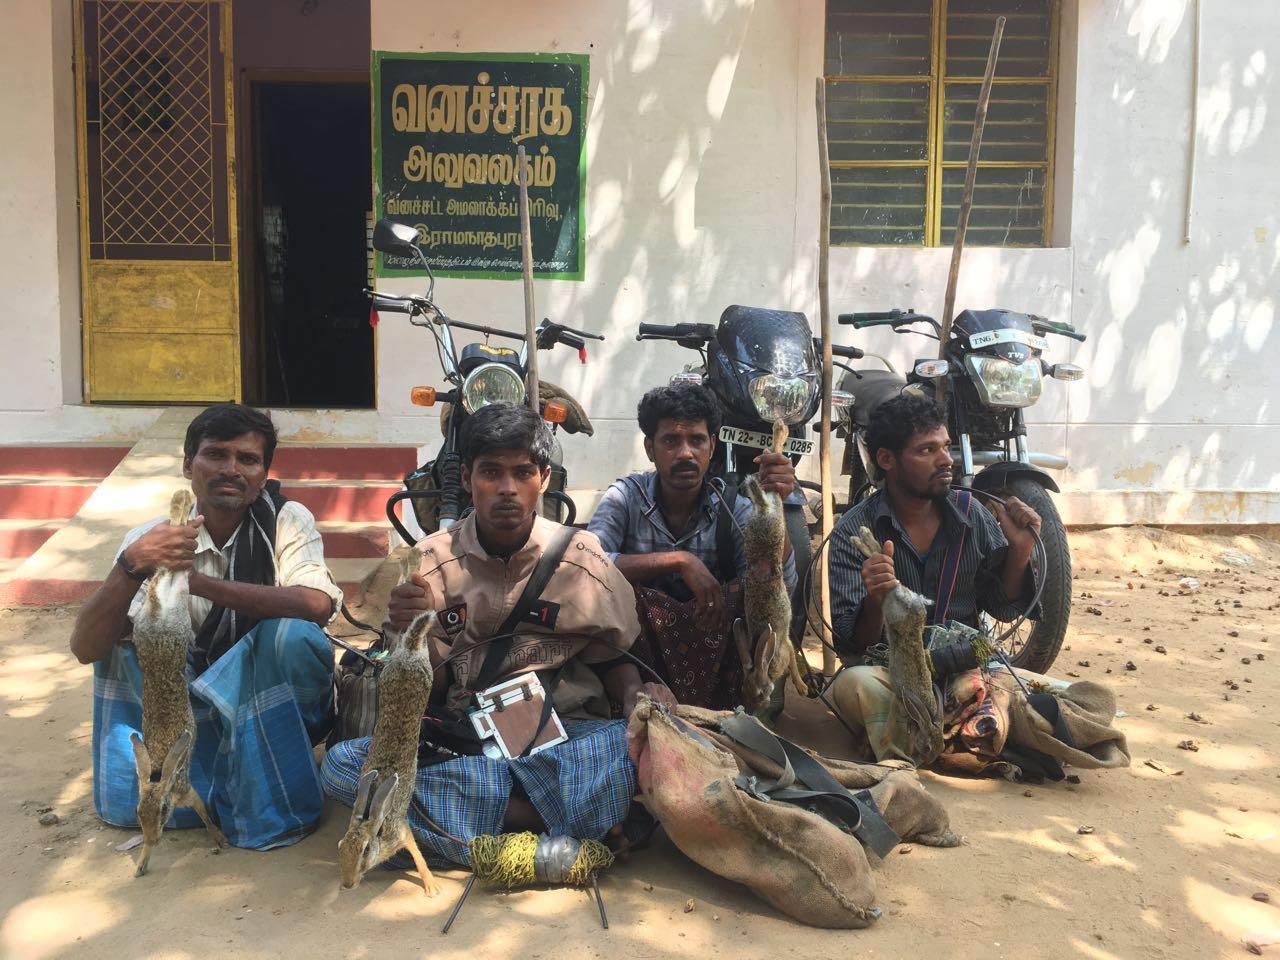 ராமநாதபுரம் அருகே முயல் வேட்டையாடிய 4 பேர் கைது